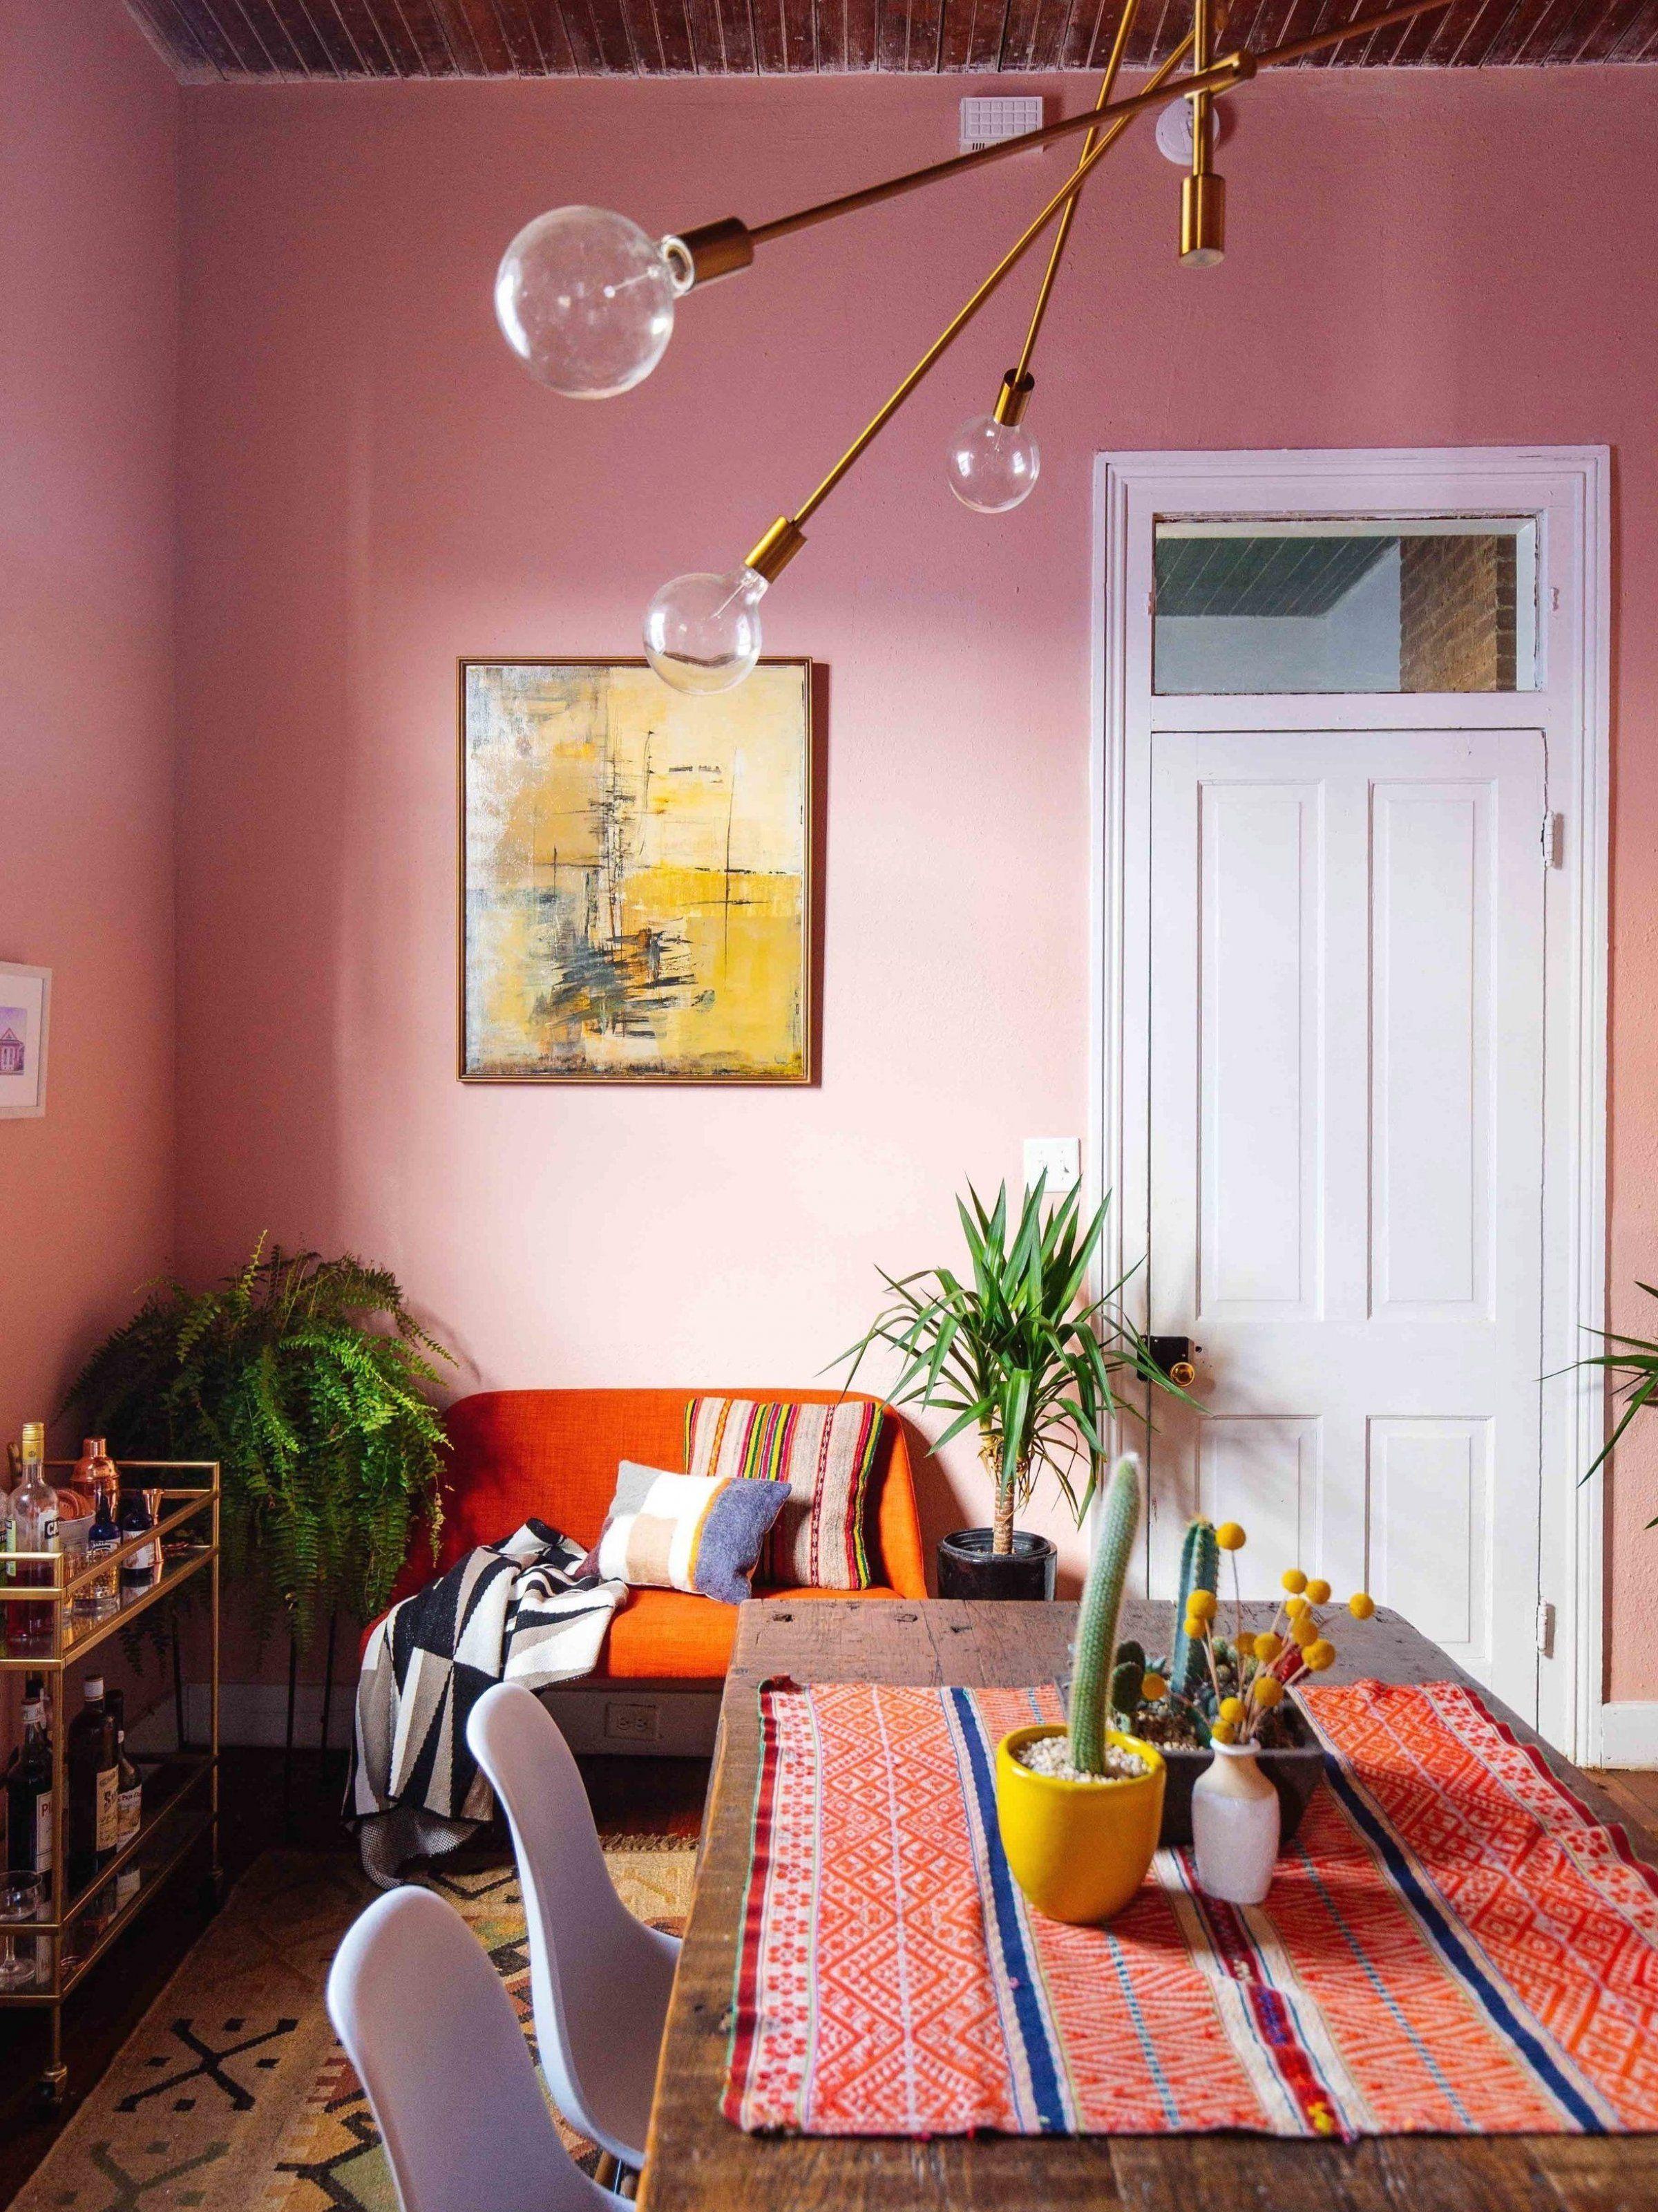 oturmaodas    livingroom  desenlikuma  lar  etnikdesenler  duvarrengi  ayd  naltmamodelleri  evi  in  evdekoru  evdekorasyonfikirleri  bitki  bitkiyetistirme  masa  sandalye  tasar  mevler #